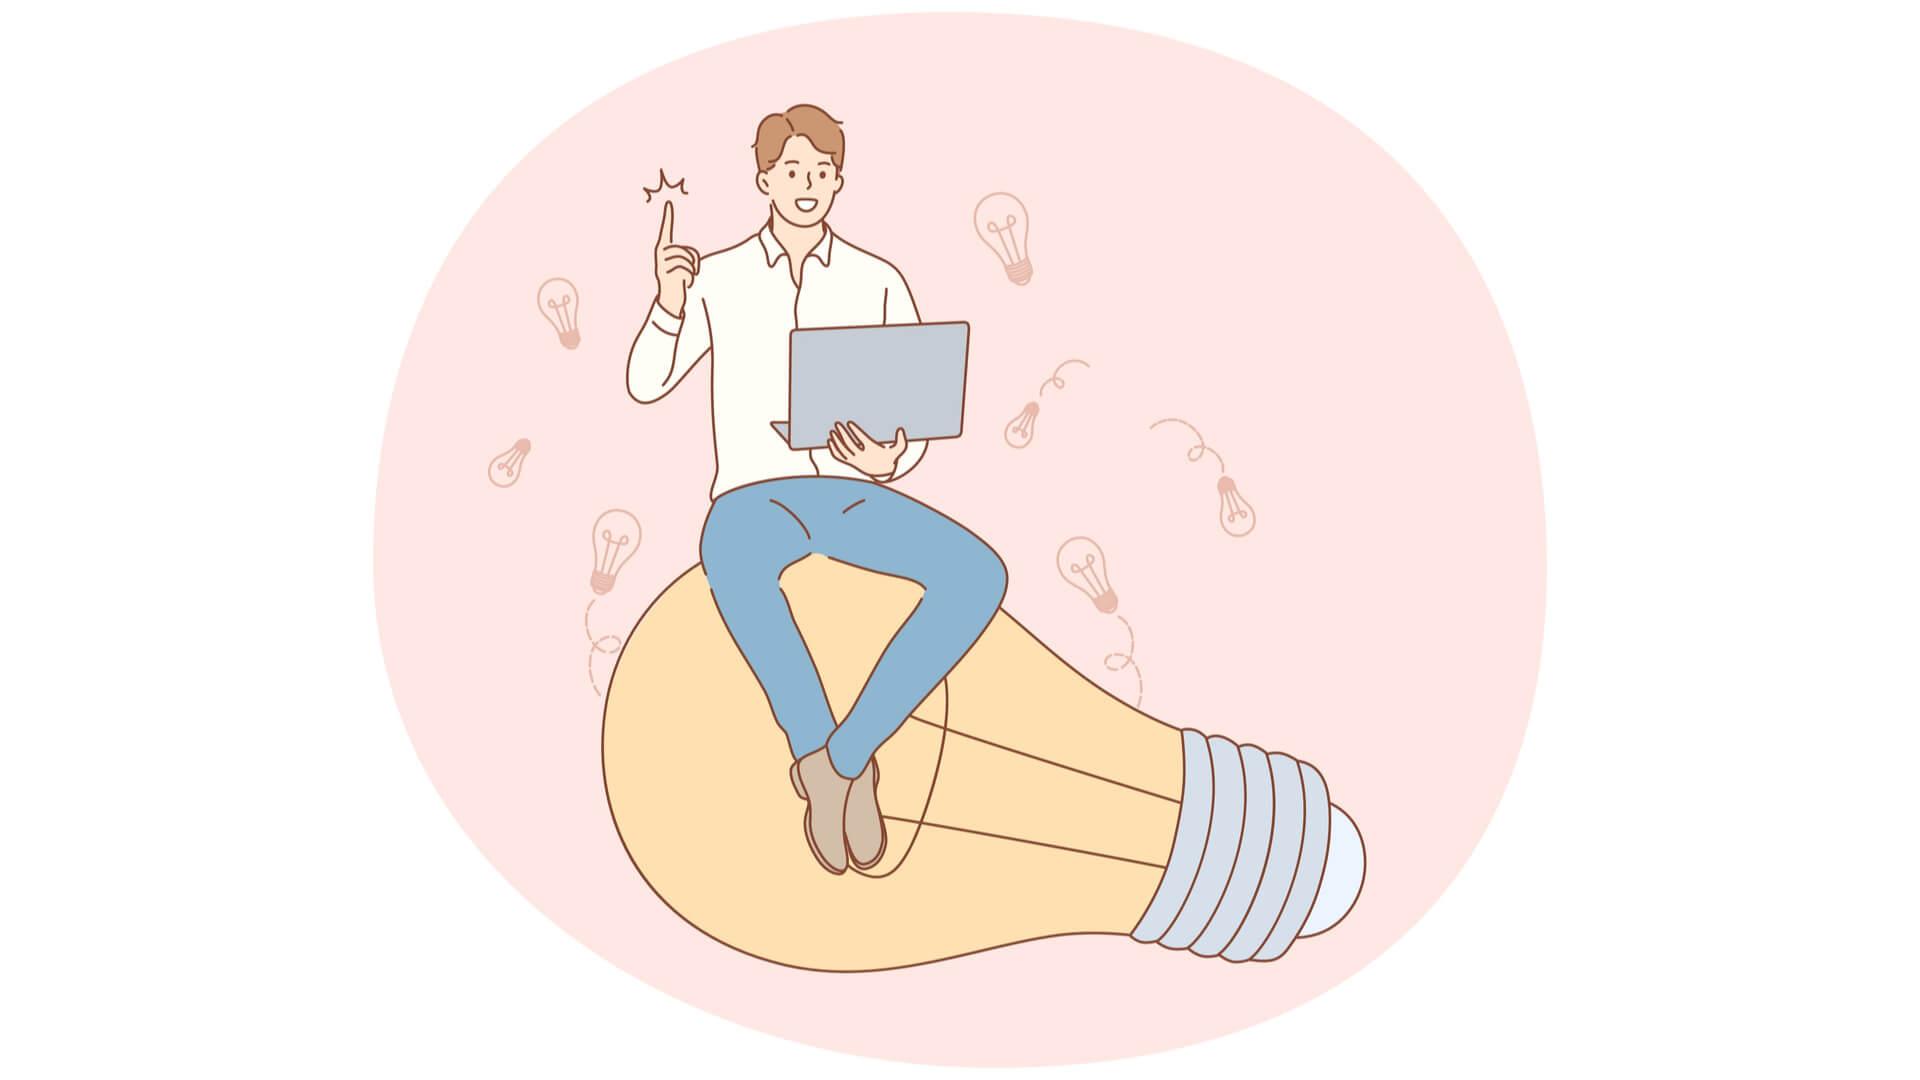 【令和の成功法則】稼げている人に多い働き方は会社員をしながら個人事業主?メリットデメリットも教えます!